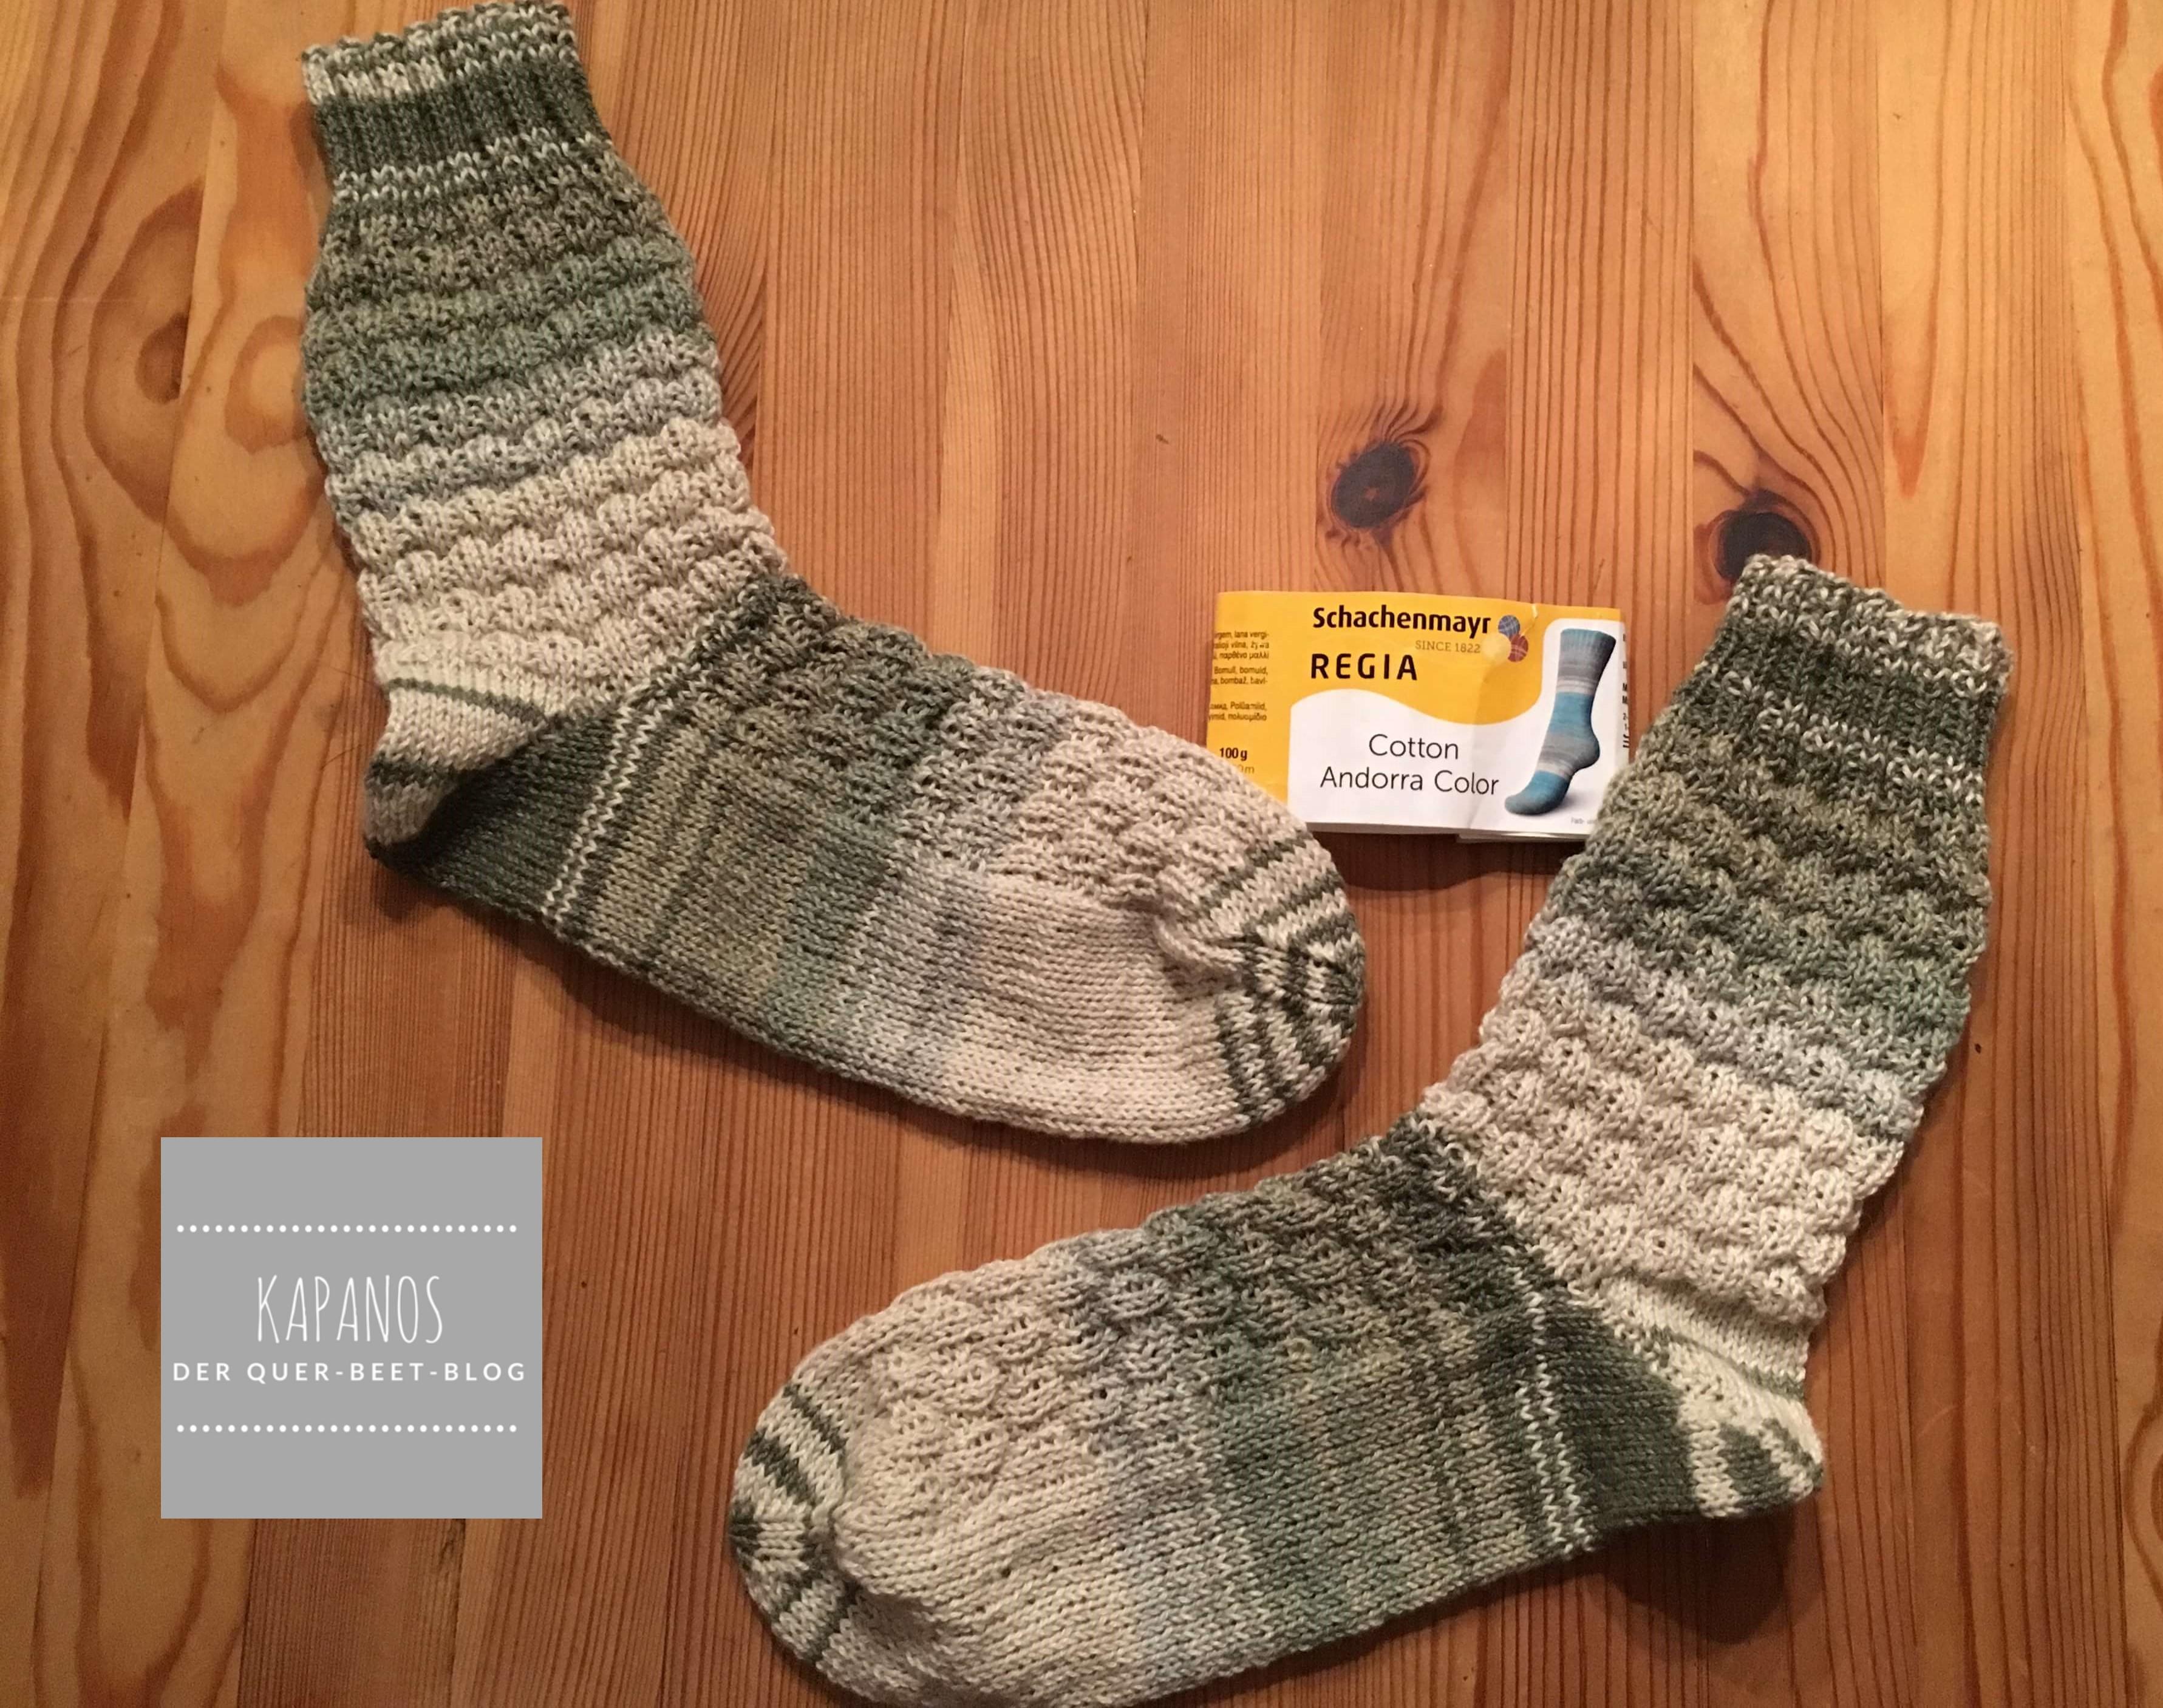 Gestrickt Socken Stricken Sockenparade Kapanos